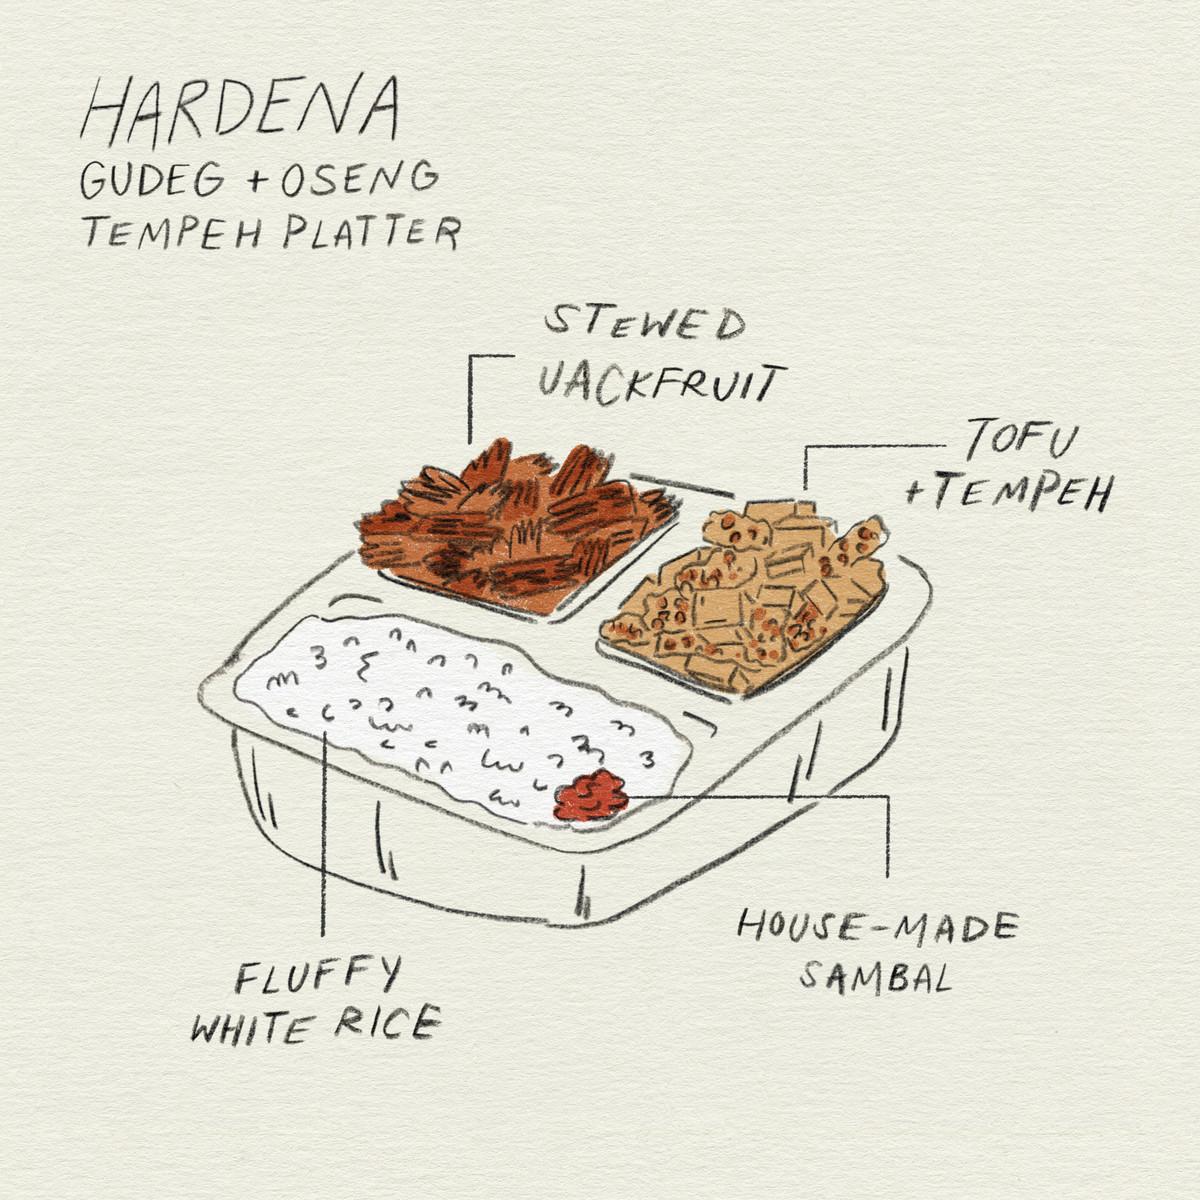 minh họa với cơm dẻo, tempeh và đậu phụ, mít hầm và sambal